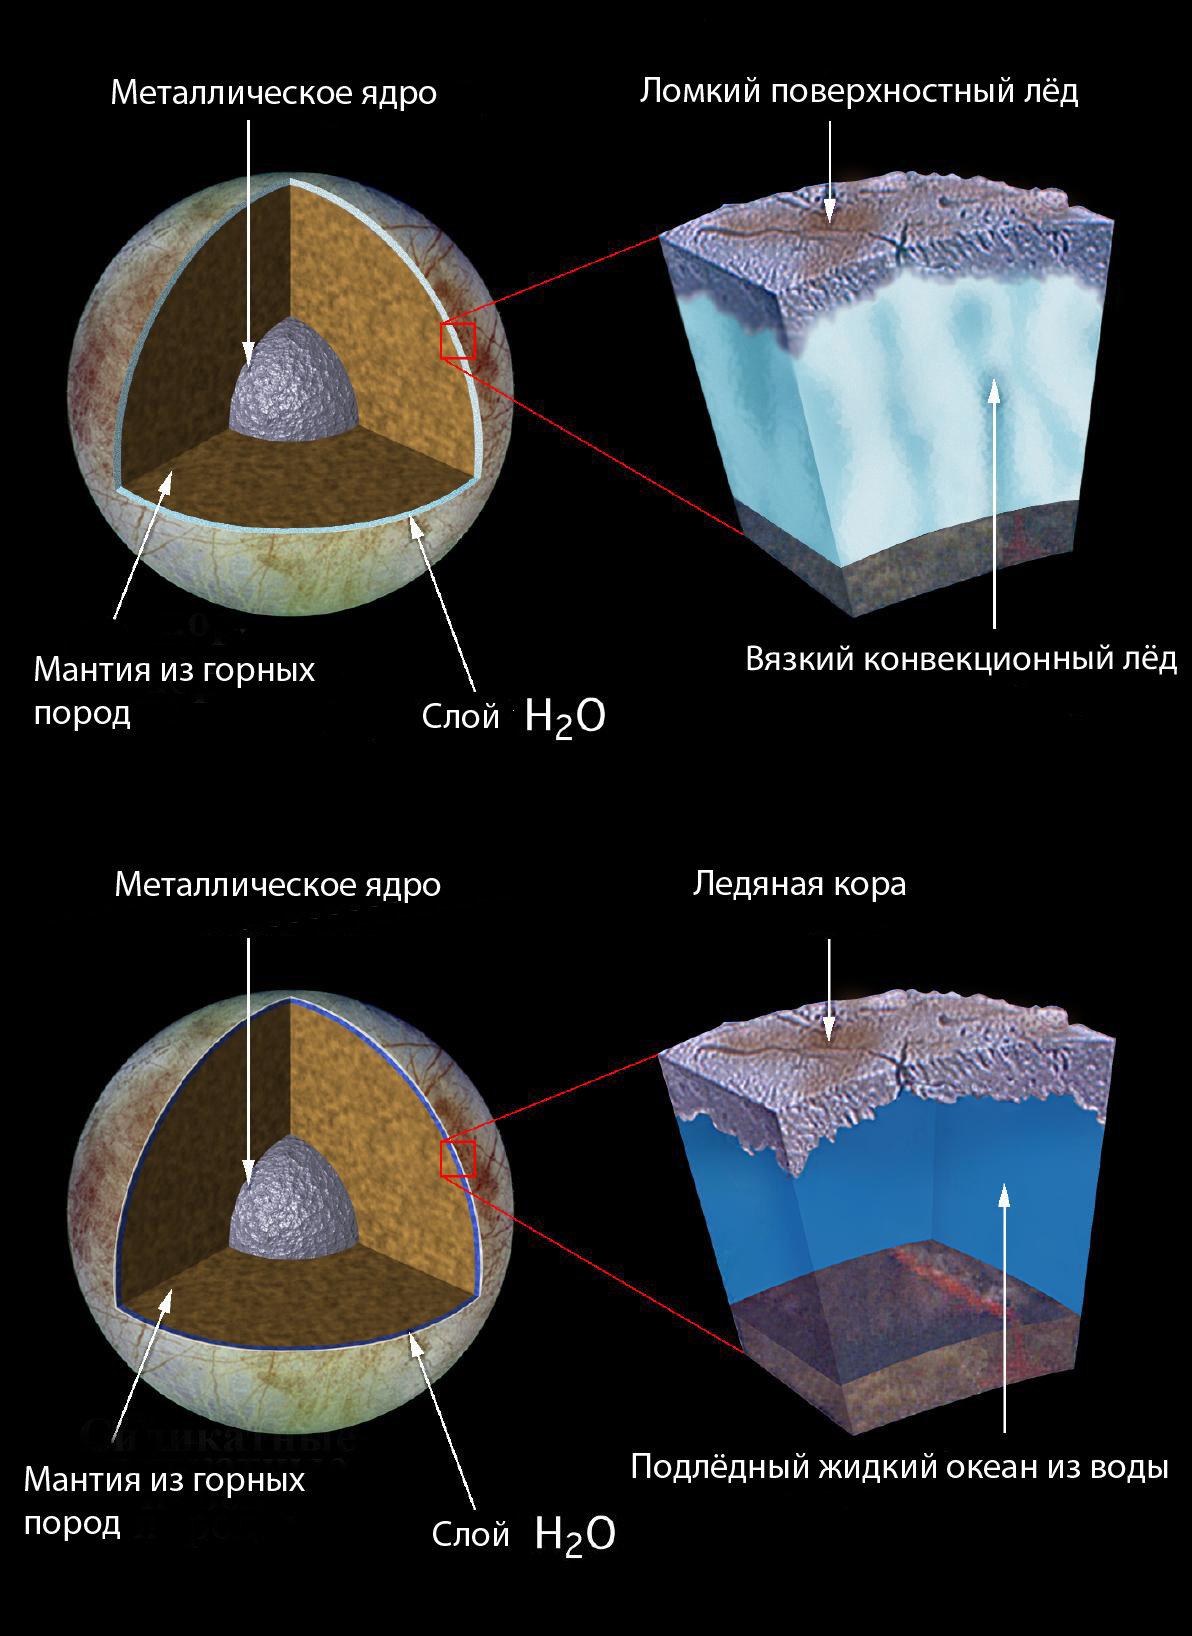 Поиск жизни в Солнечной системе - 5